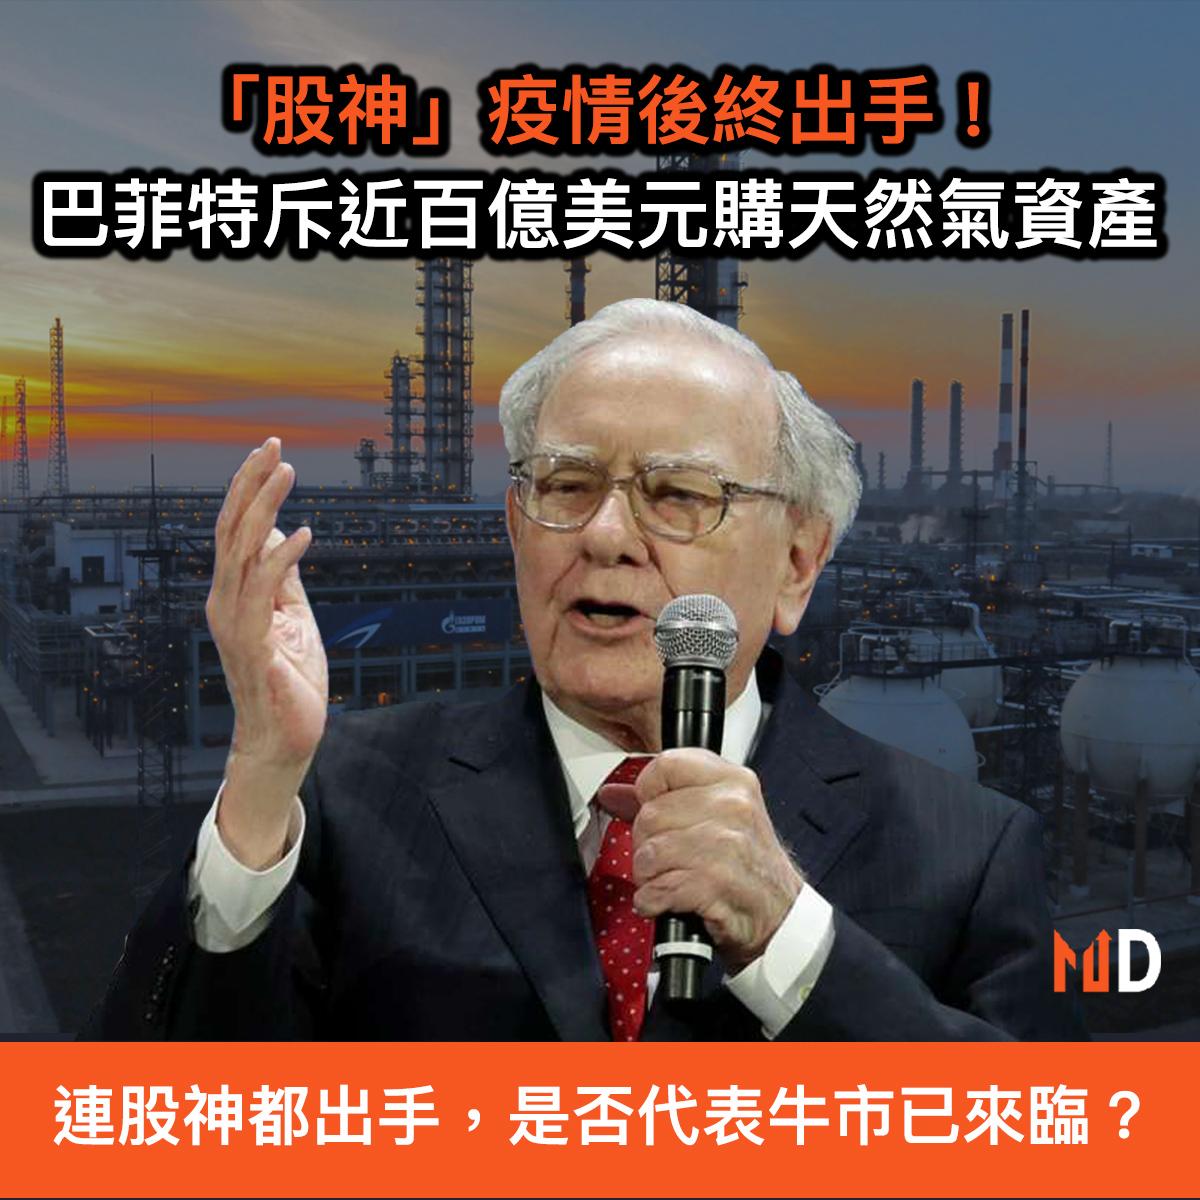 【市場熱話】「股神」疫情後終出手!巴菲特斥近百億美元購天然氣資產